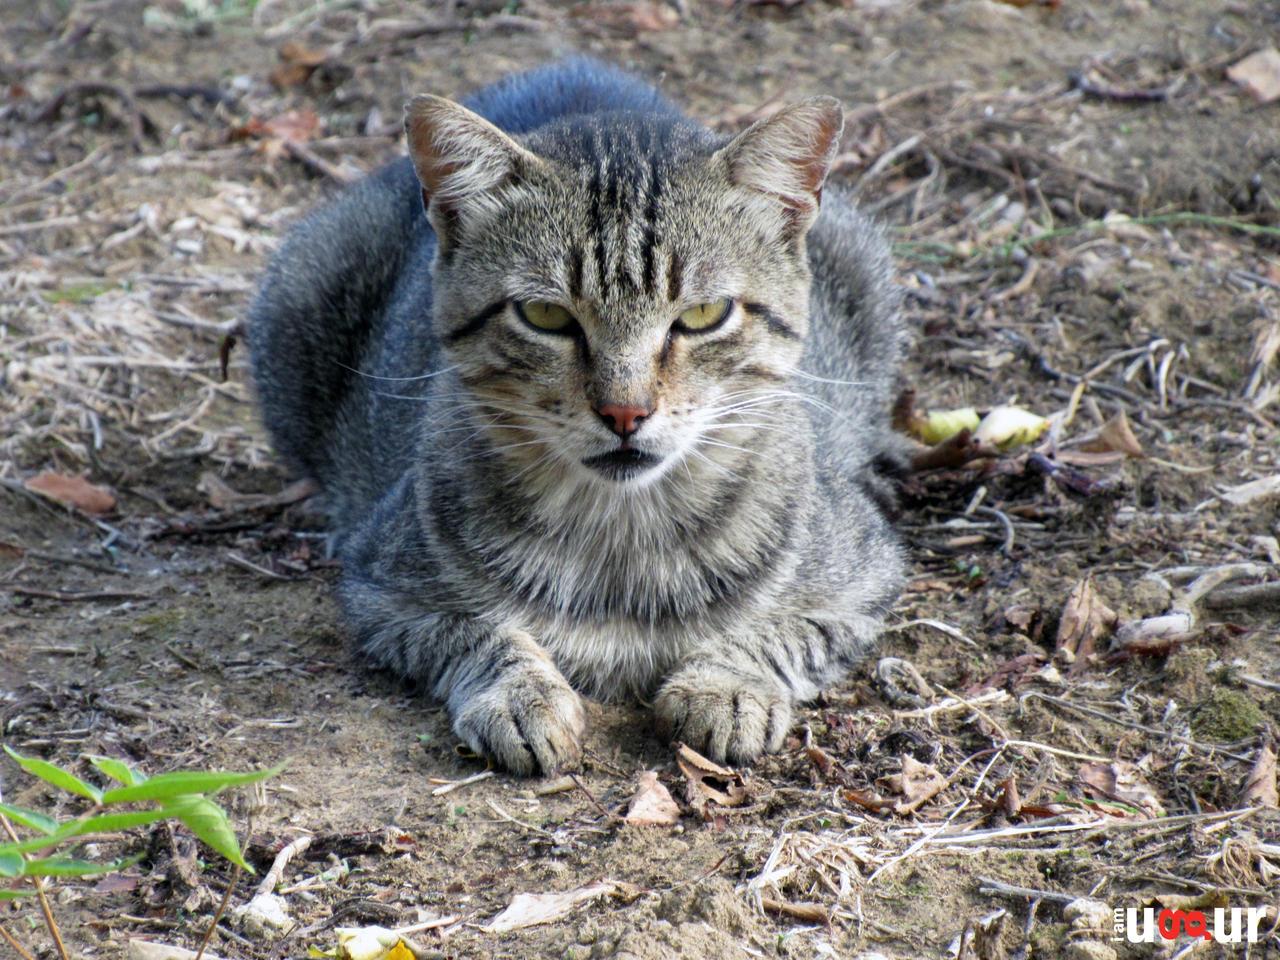 Cat by Mottcalem